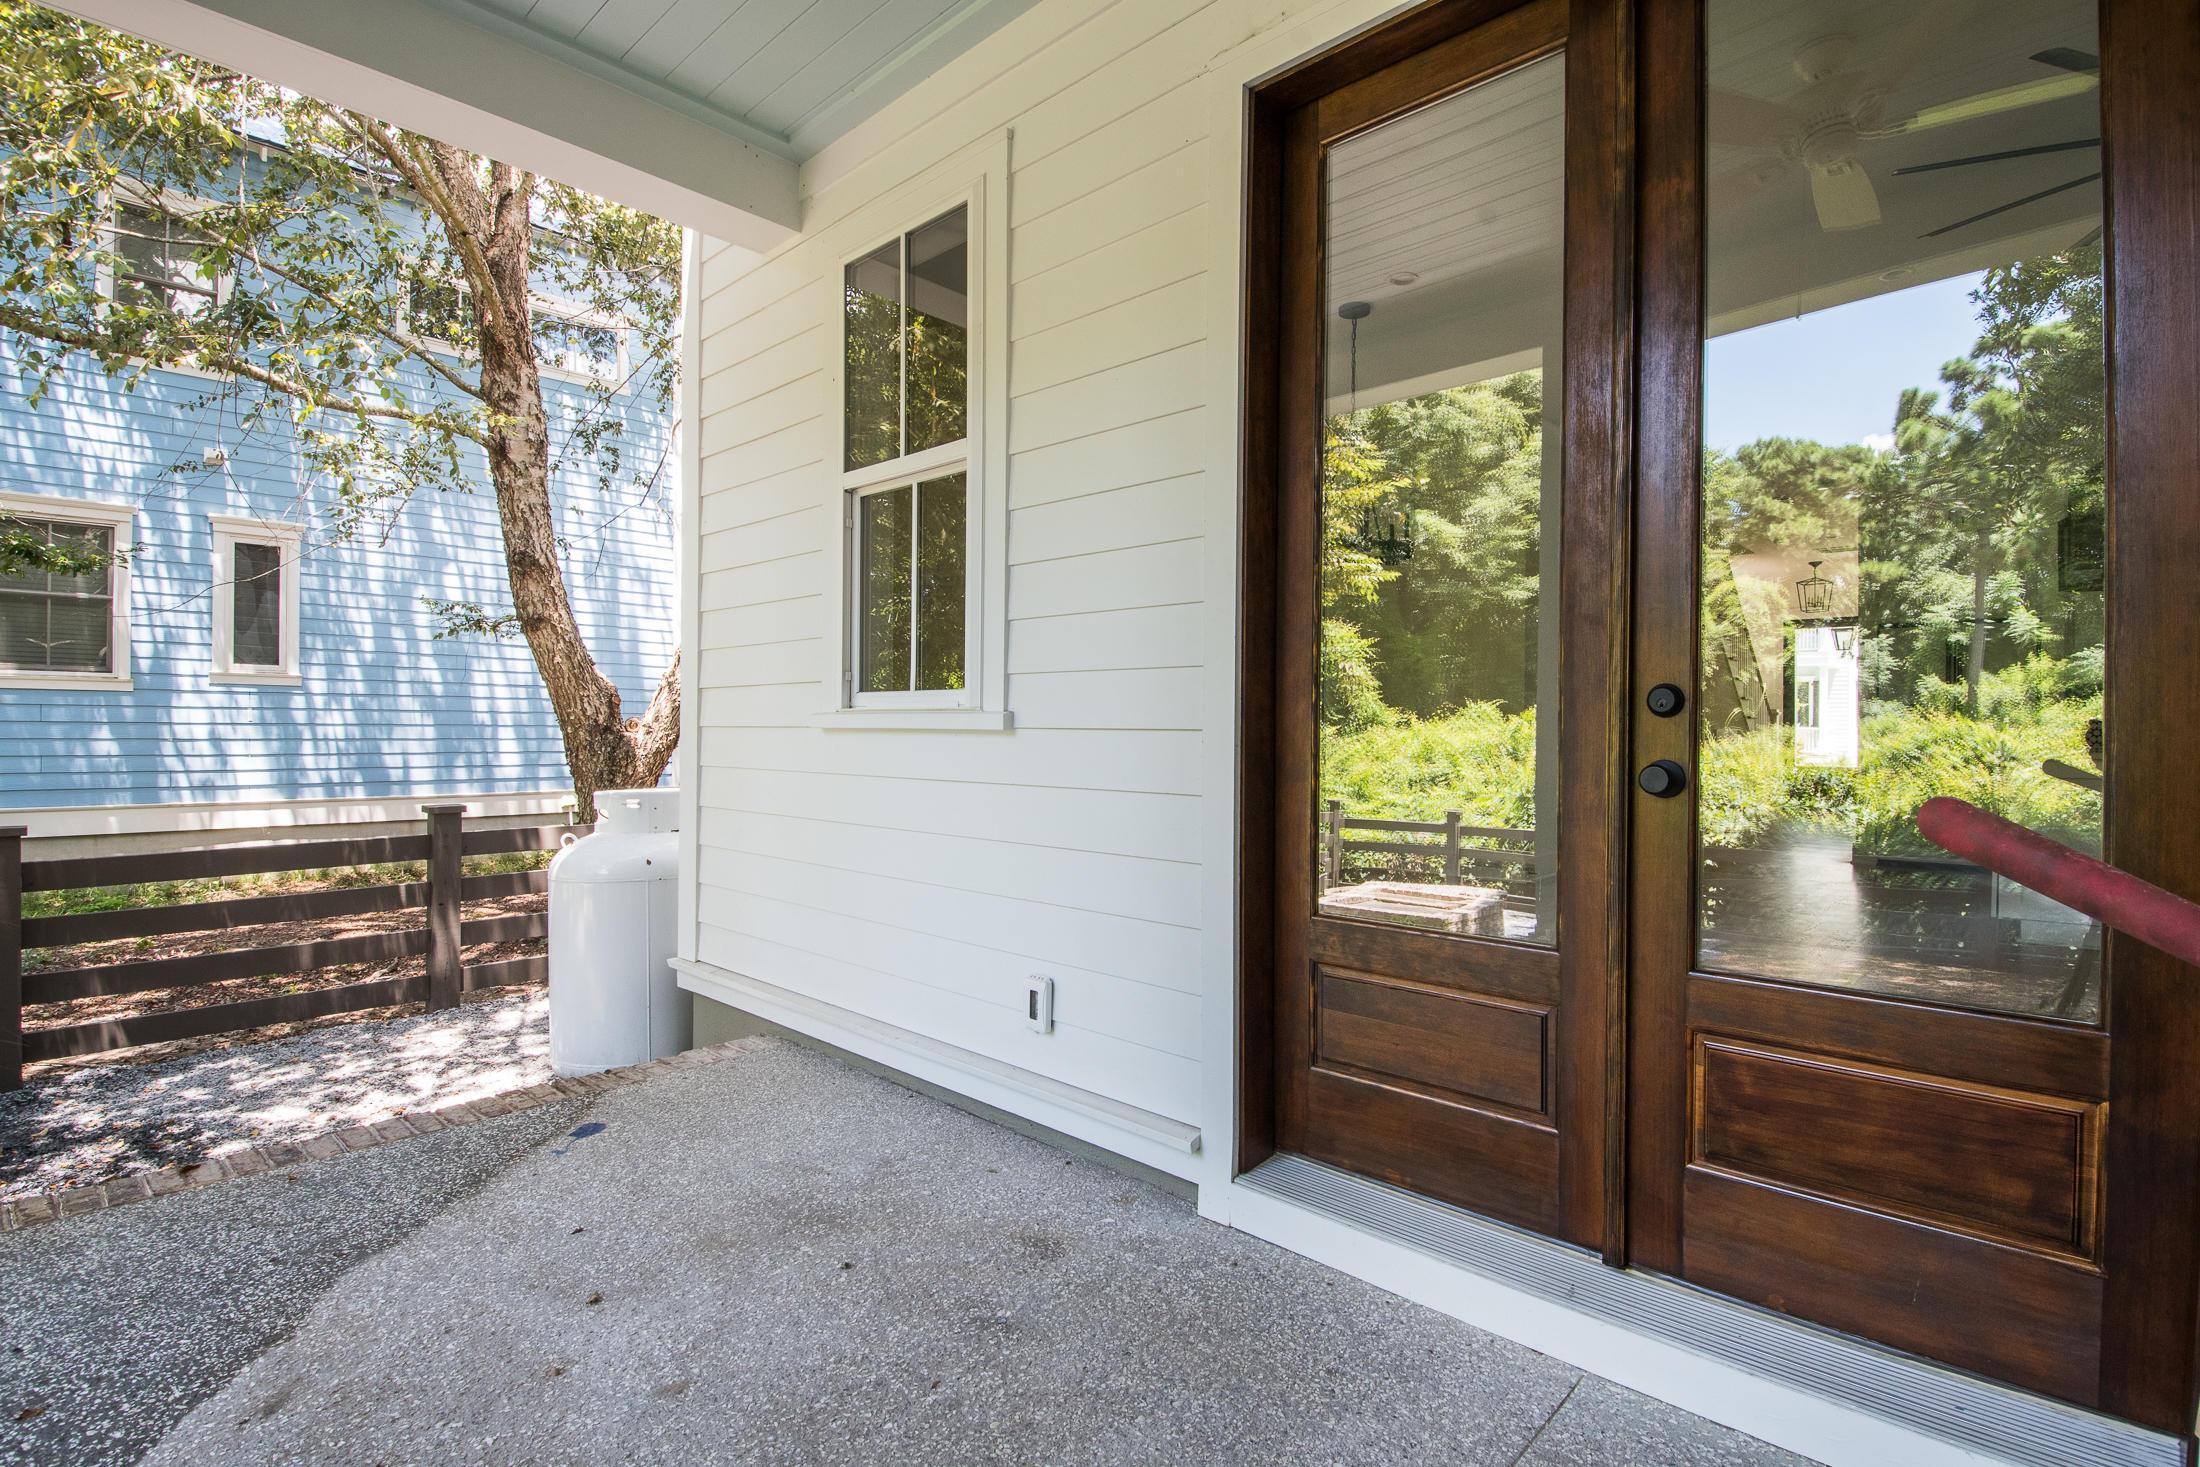 Phillips Park Homes For Sale - 1112 Phillips Park, Mount Pleasant, SC - 6